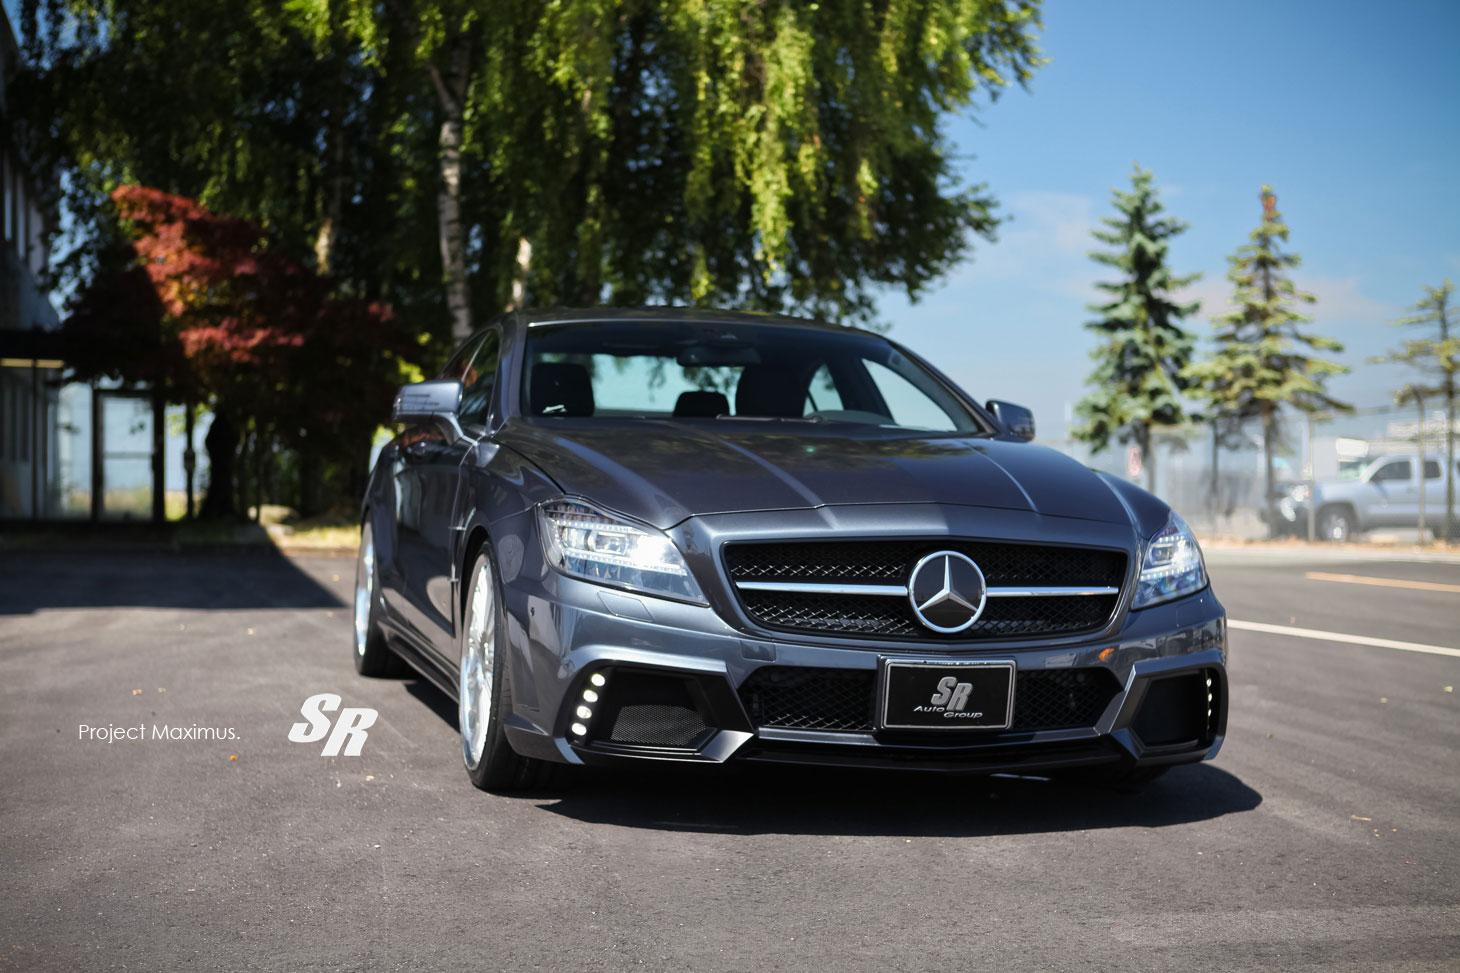 Mercedes CLS63 AMG dostal svalnatější vzhled od SR Auto Group 3